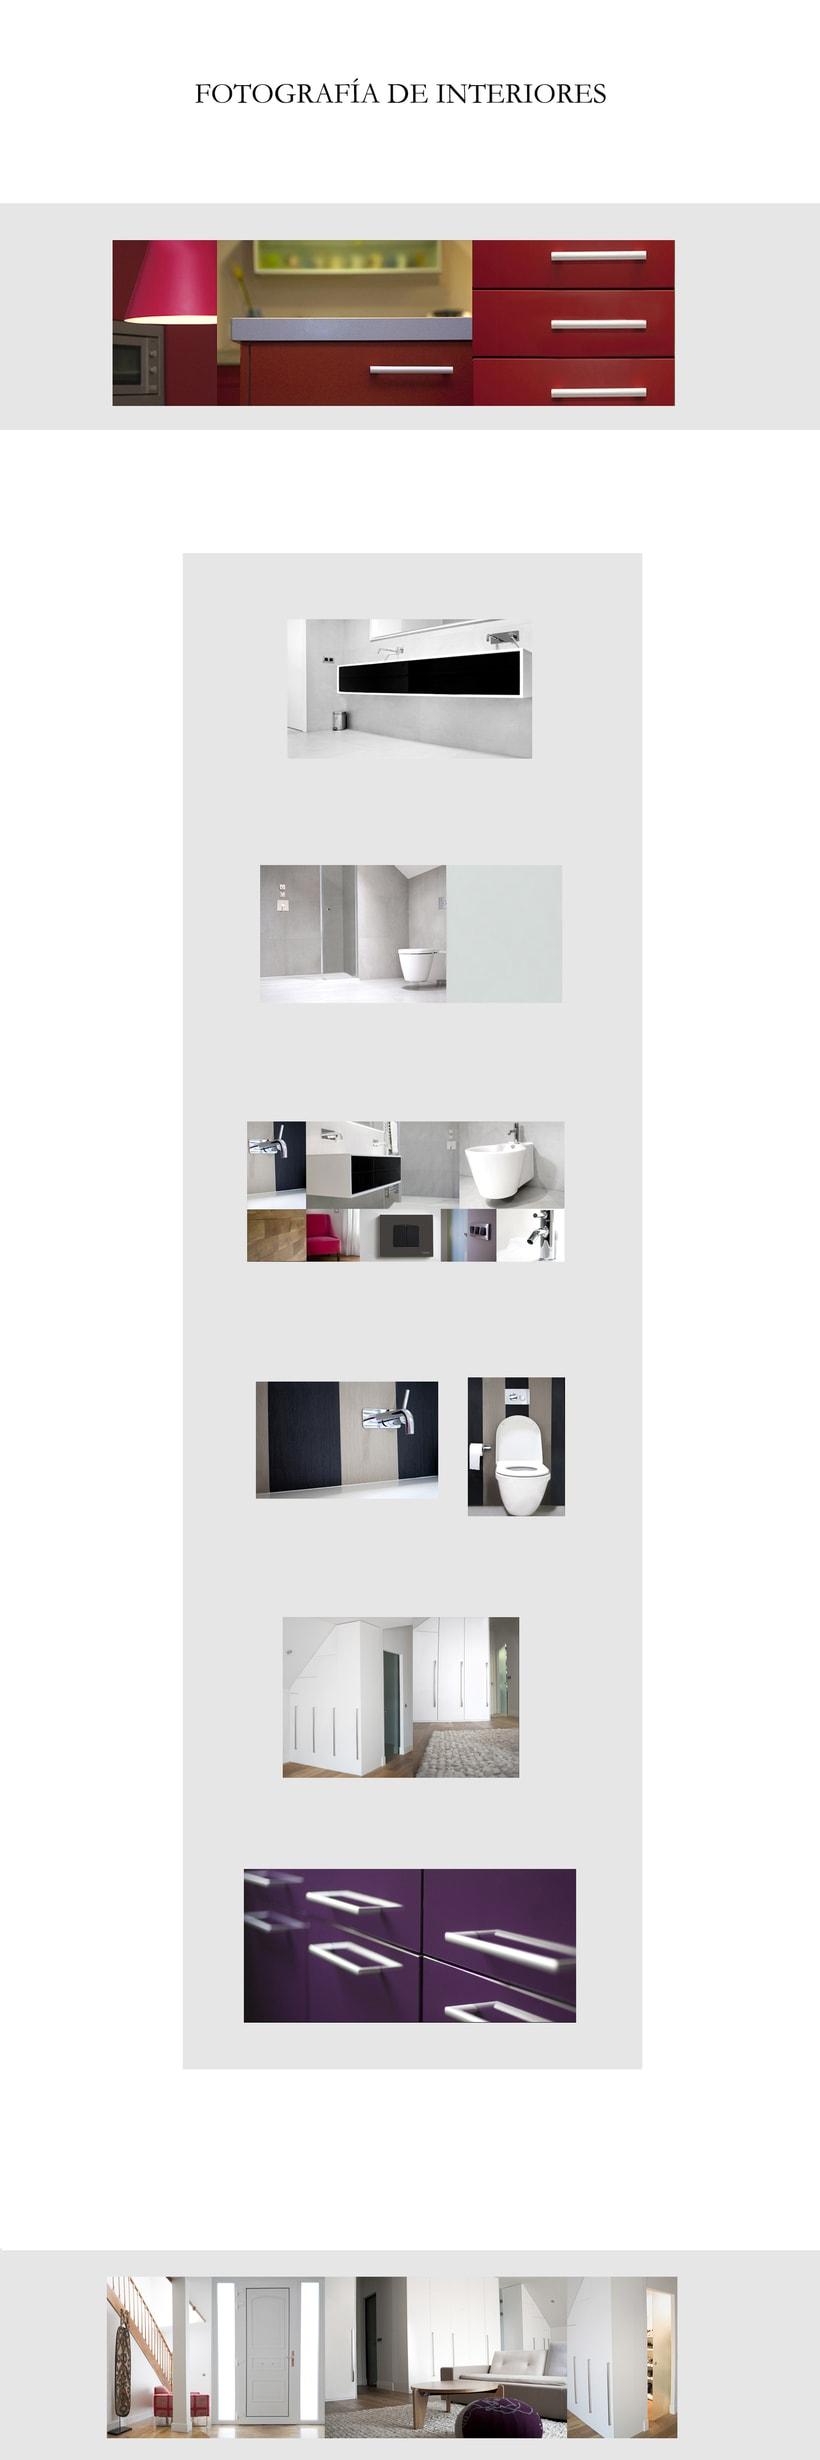 Fotografía de Interiores 0